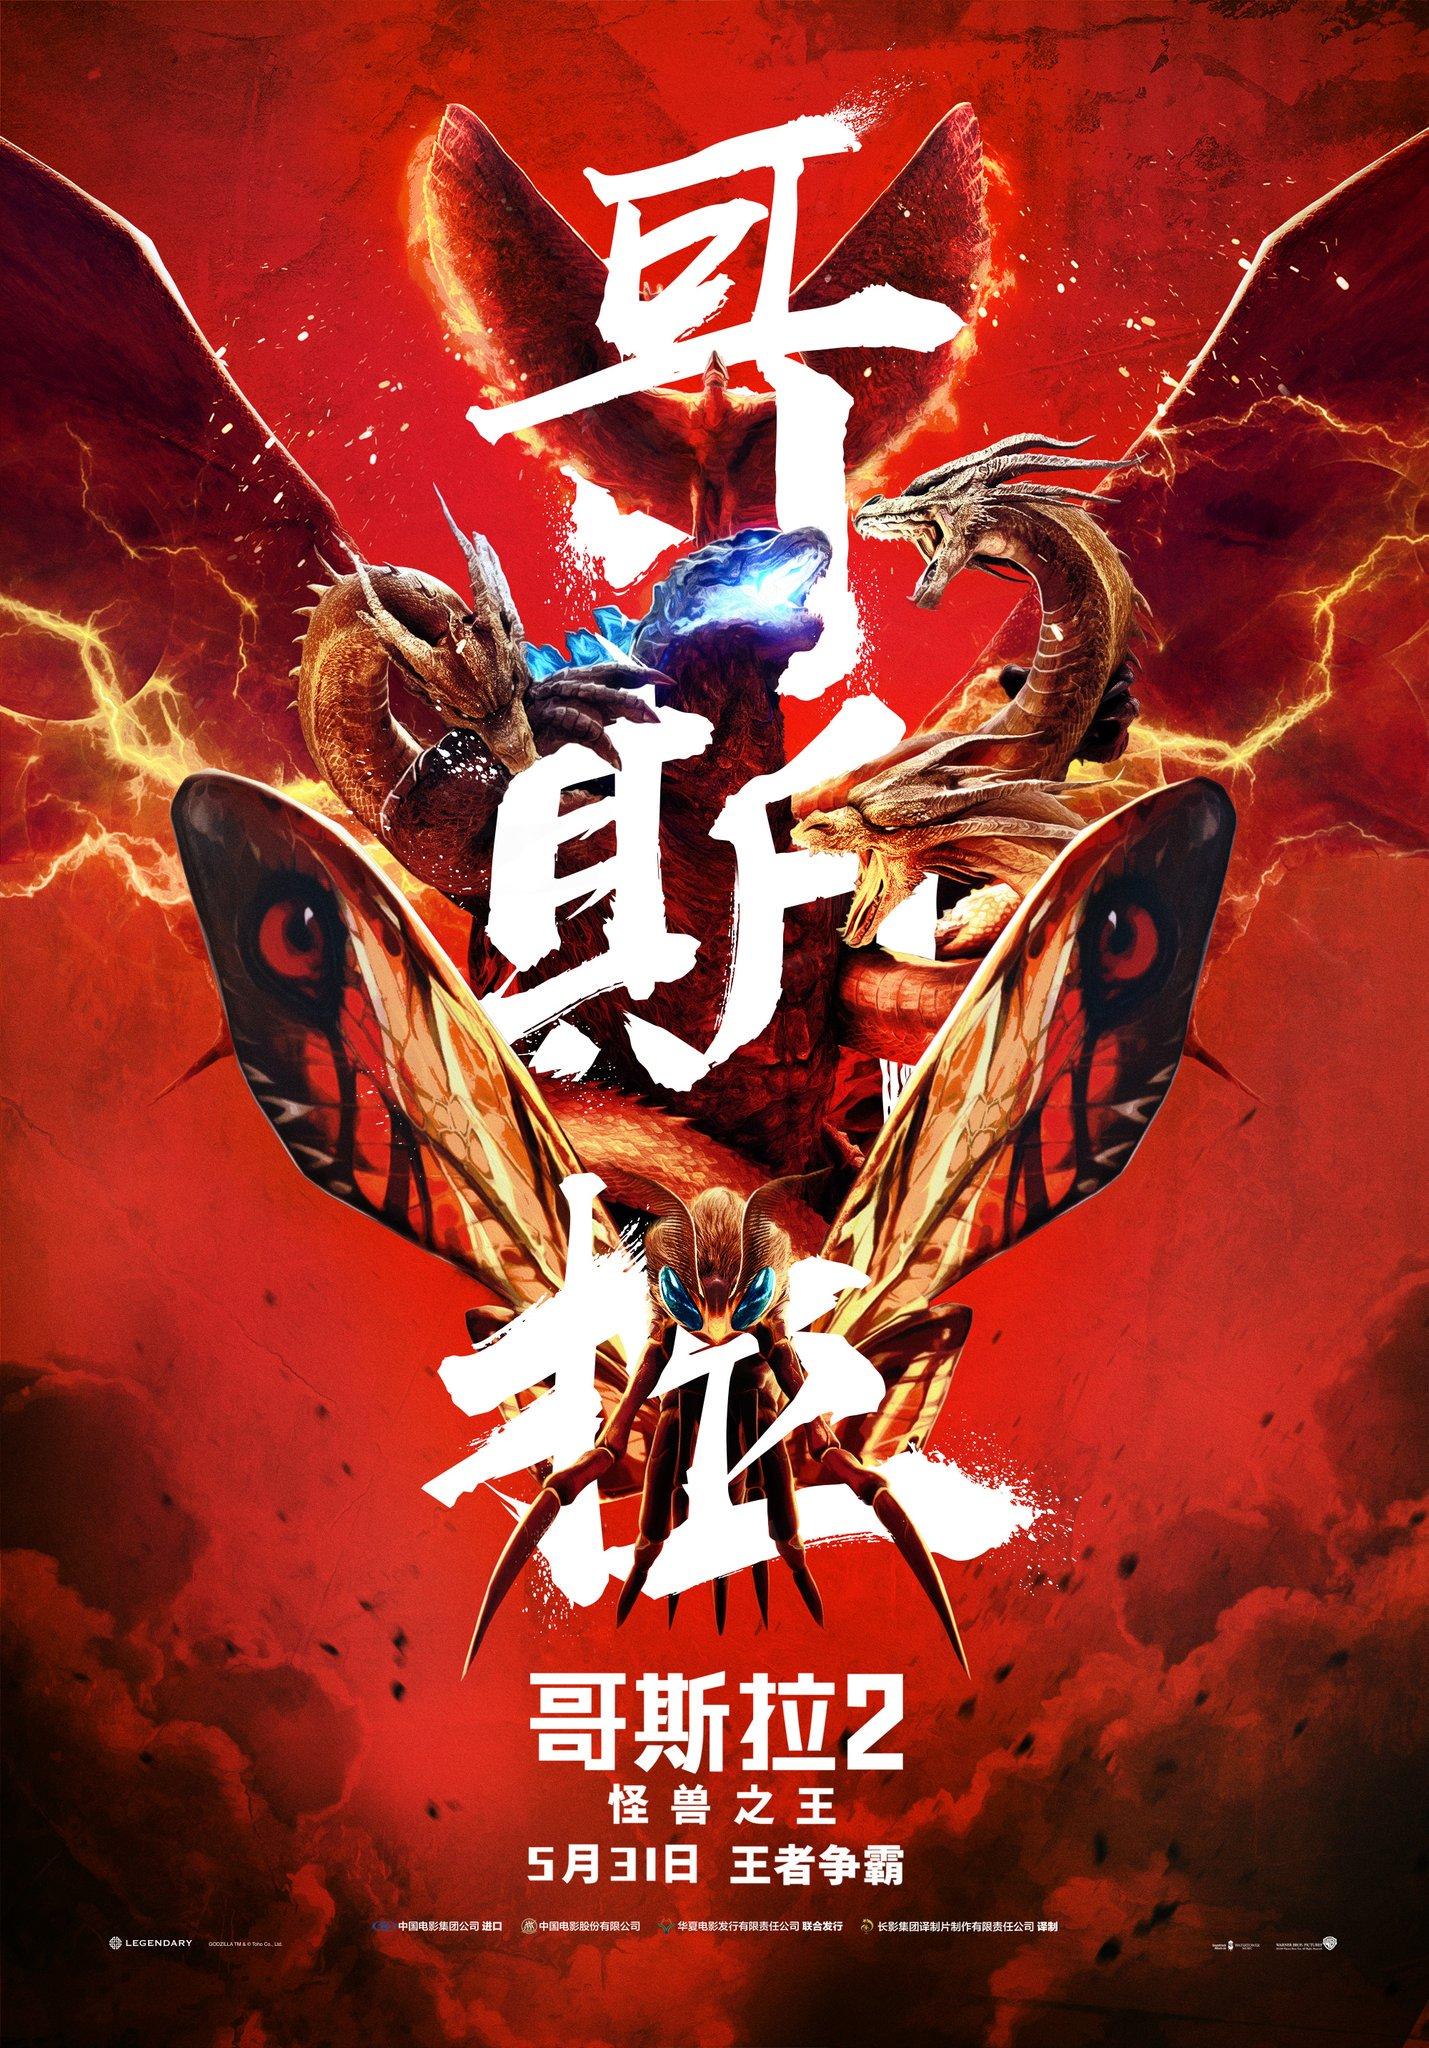 GODZILLA: KING OF THE MONSTERS 4K Ultra HD, Blu-ray